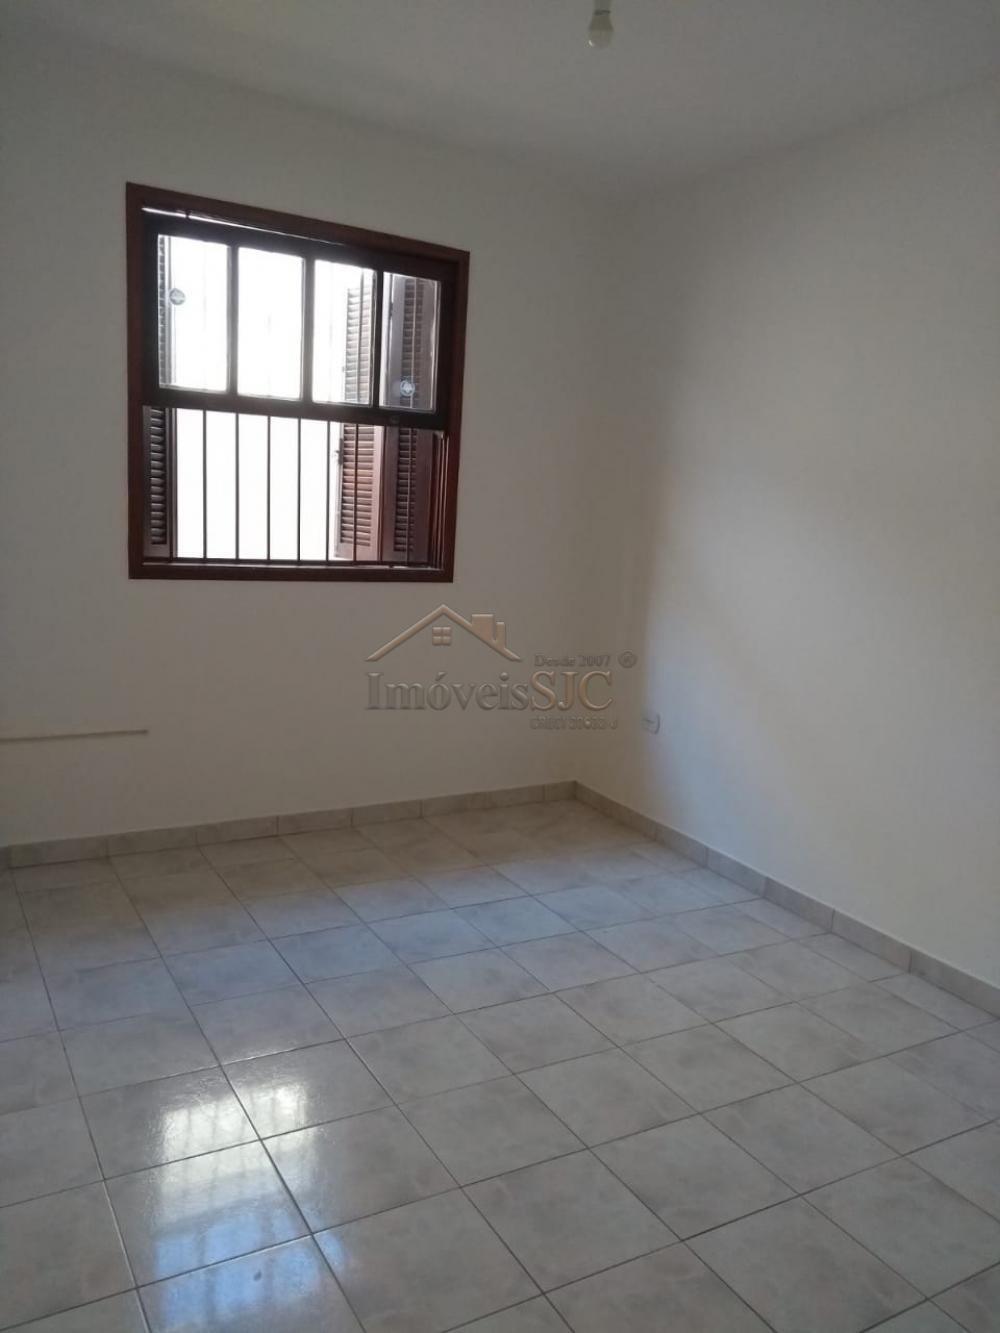 Alugar Casas / Padrão em São José dos Campos apenas R$ 1.800,00 - Foto 10